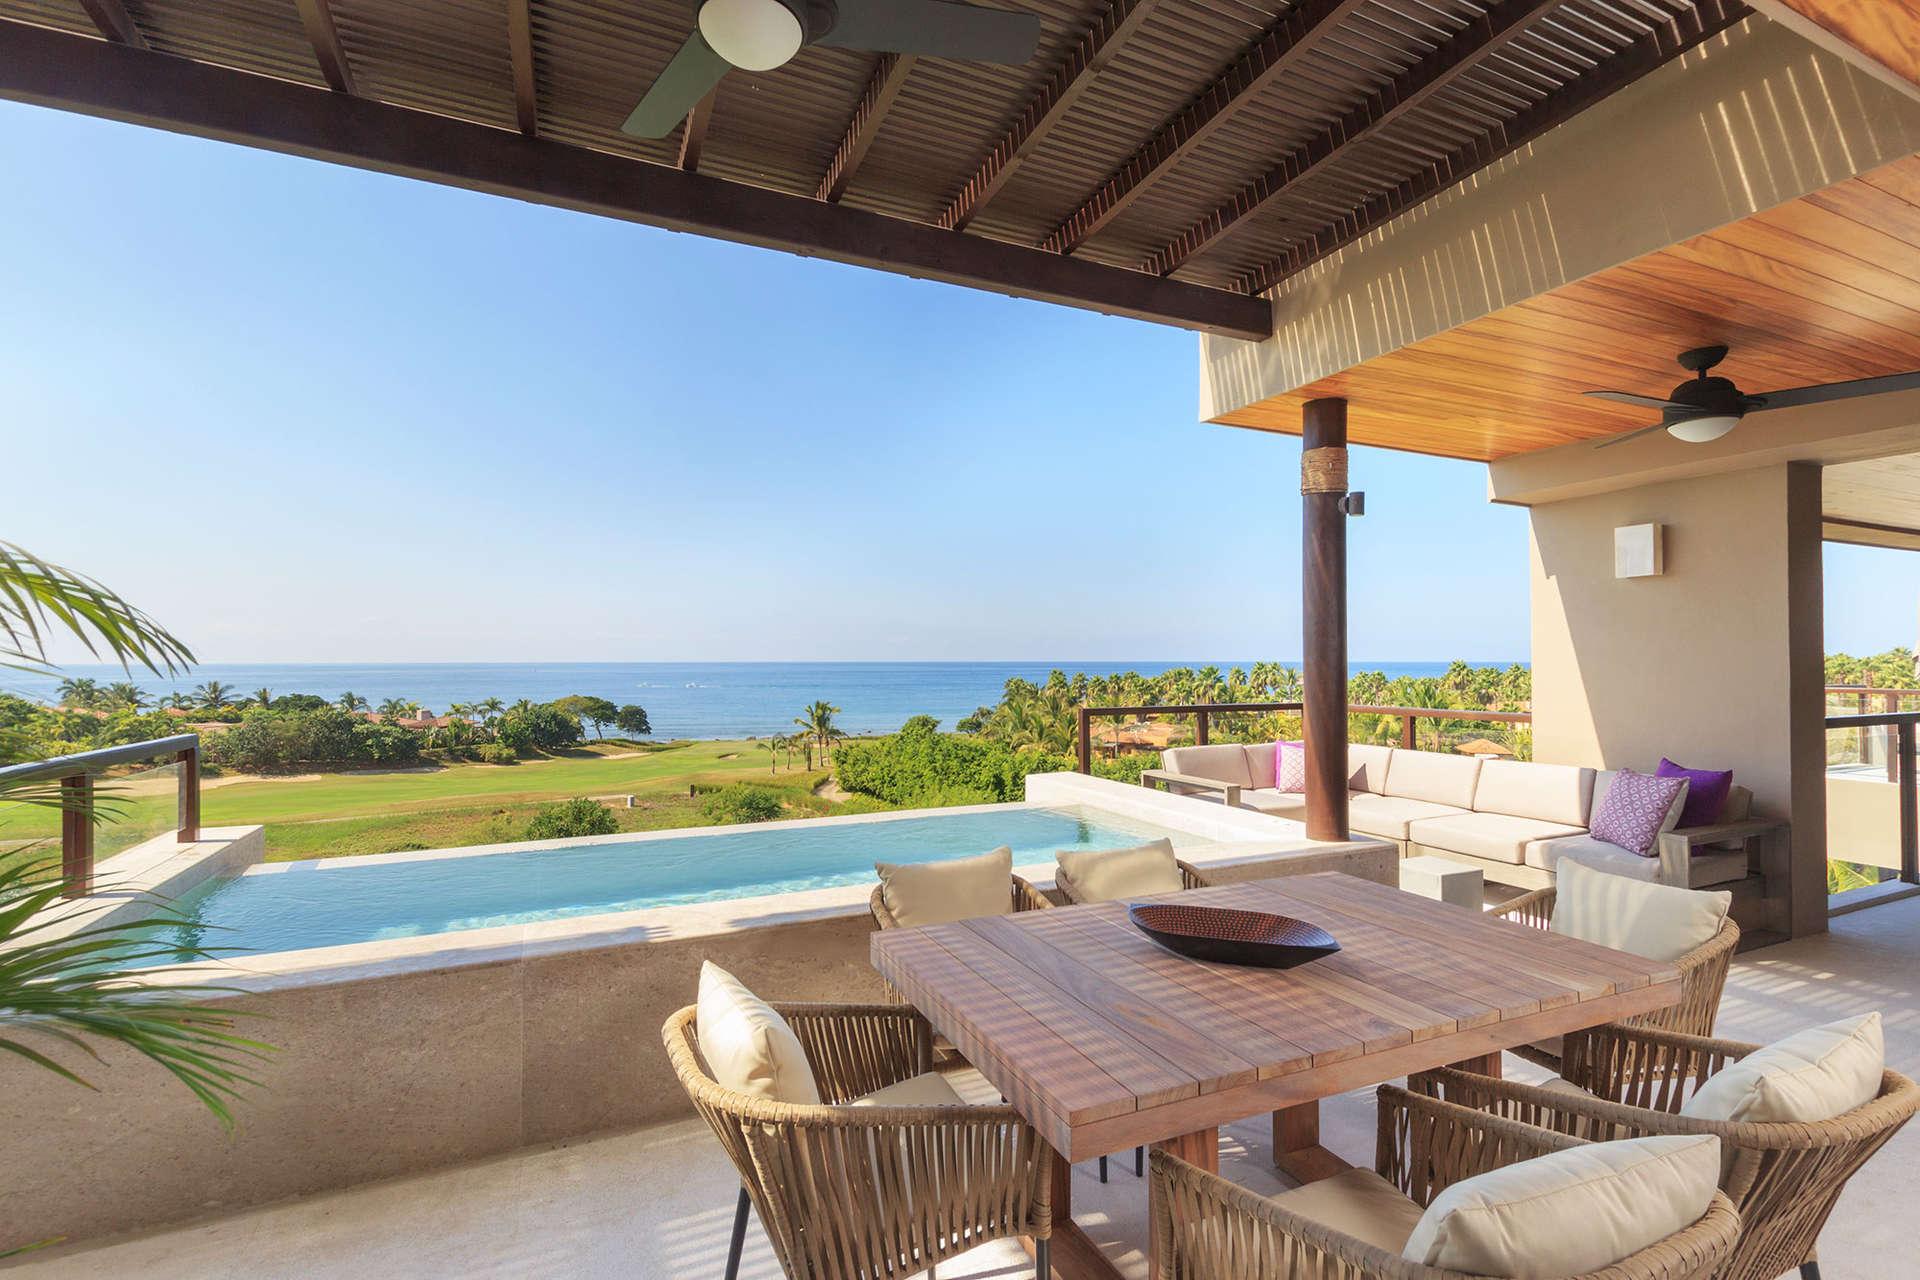 Luxury vacation rentals mexico - Punta mita - Las marietas - No location 4 - Condo Argo - Image 1/11